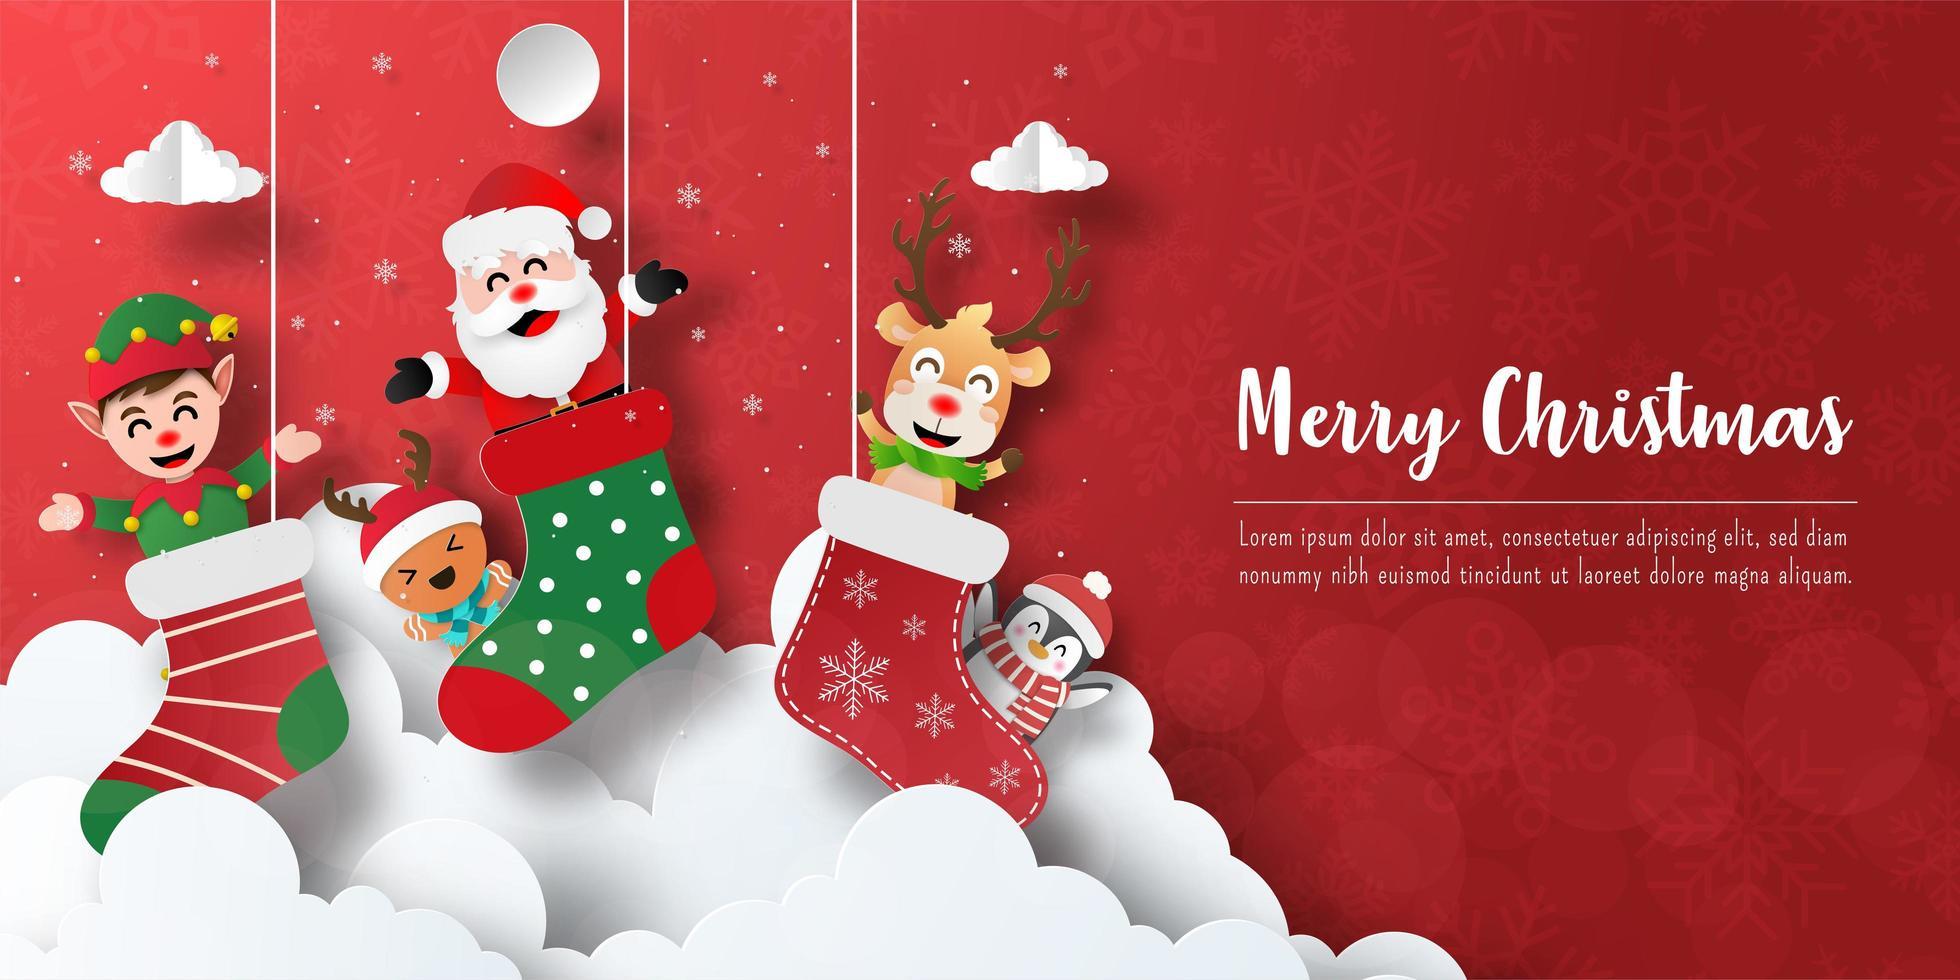 Weihnachtspostkartenbanner von Weihnachtsmann und Freunden in der Weihnachtssocke vektor